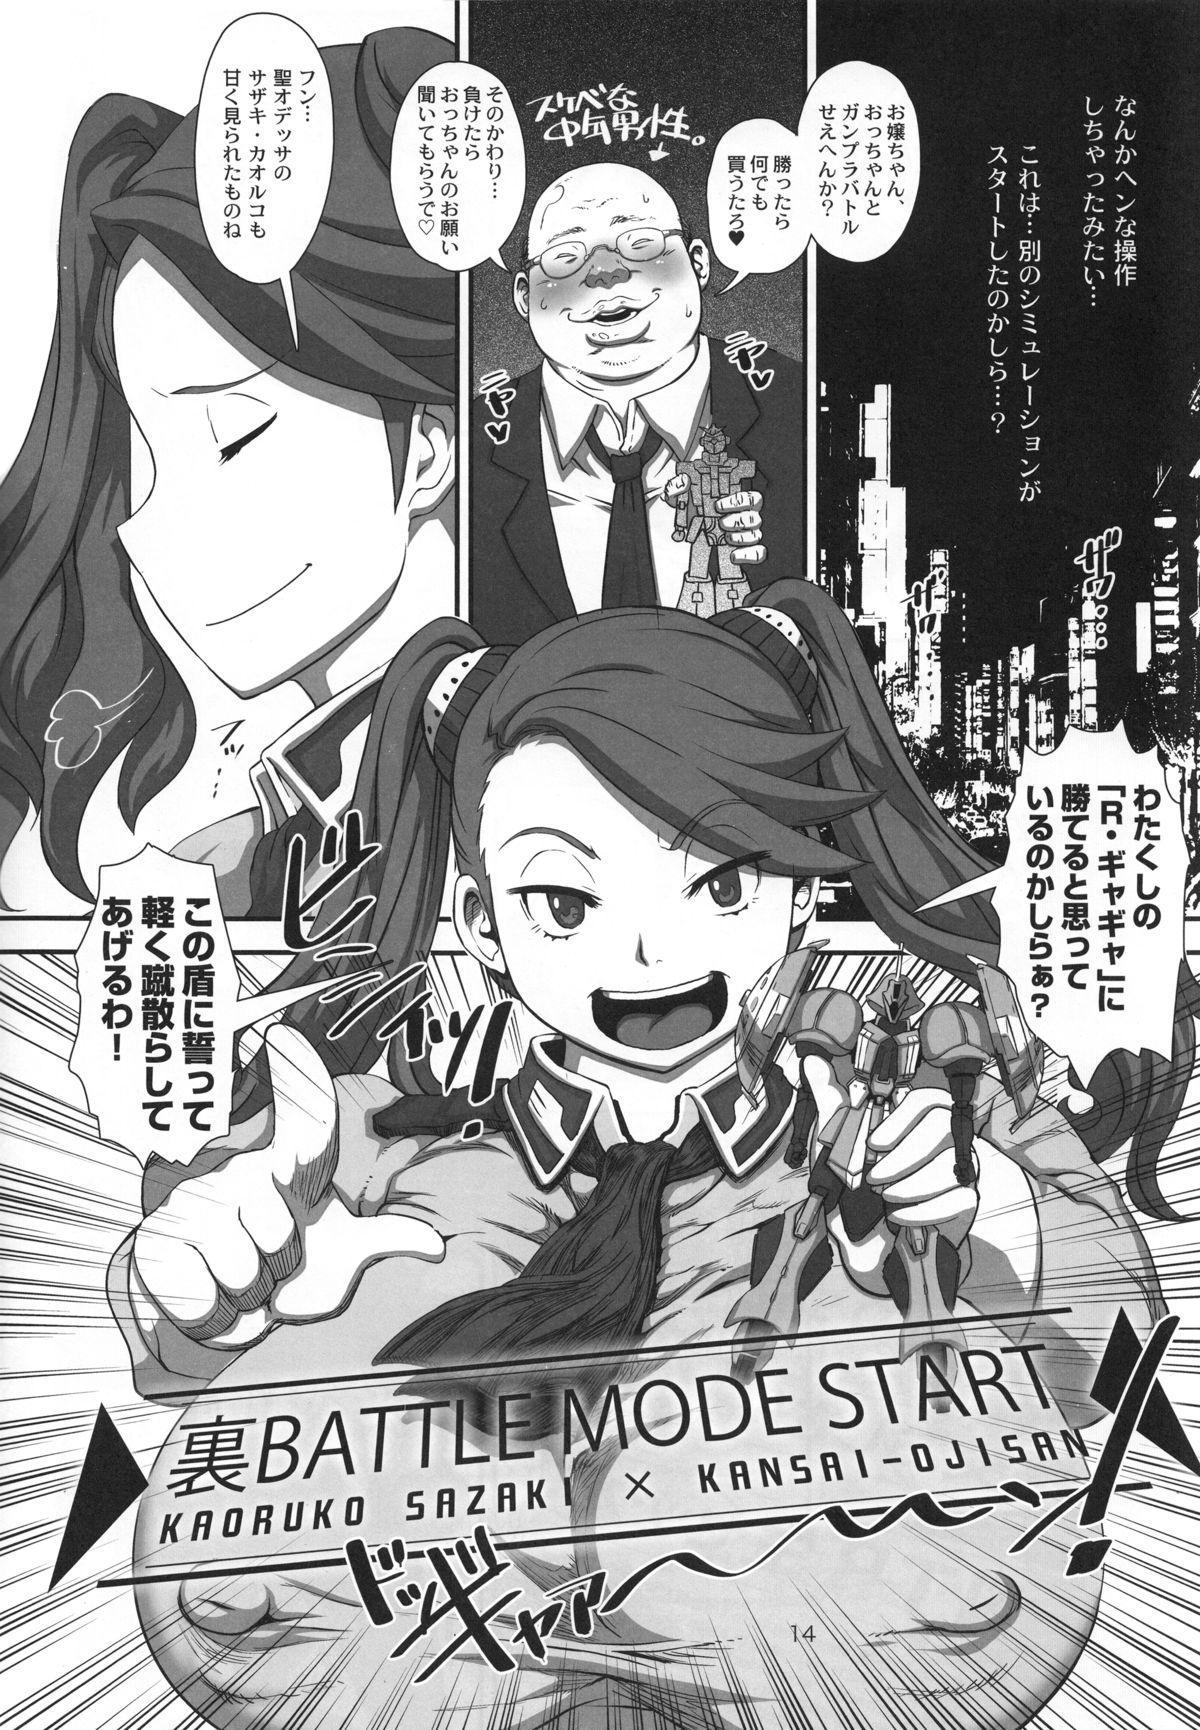 METABOLISM G Hatsujou Gyanko no Nikushoku Fudeoroshi + NTR 12